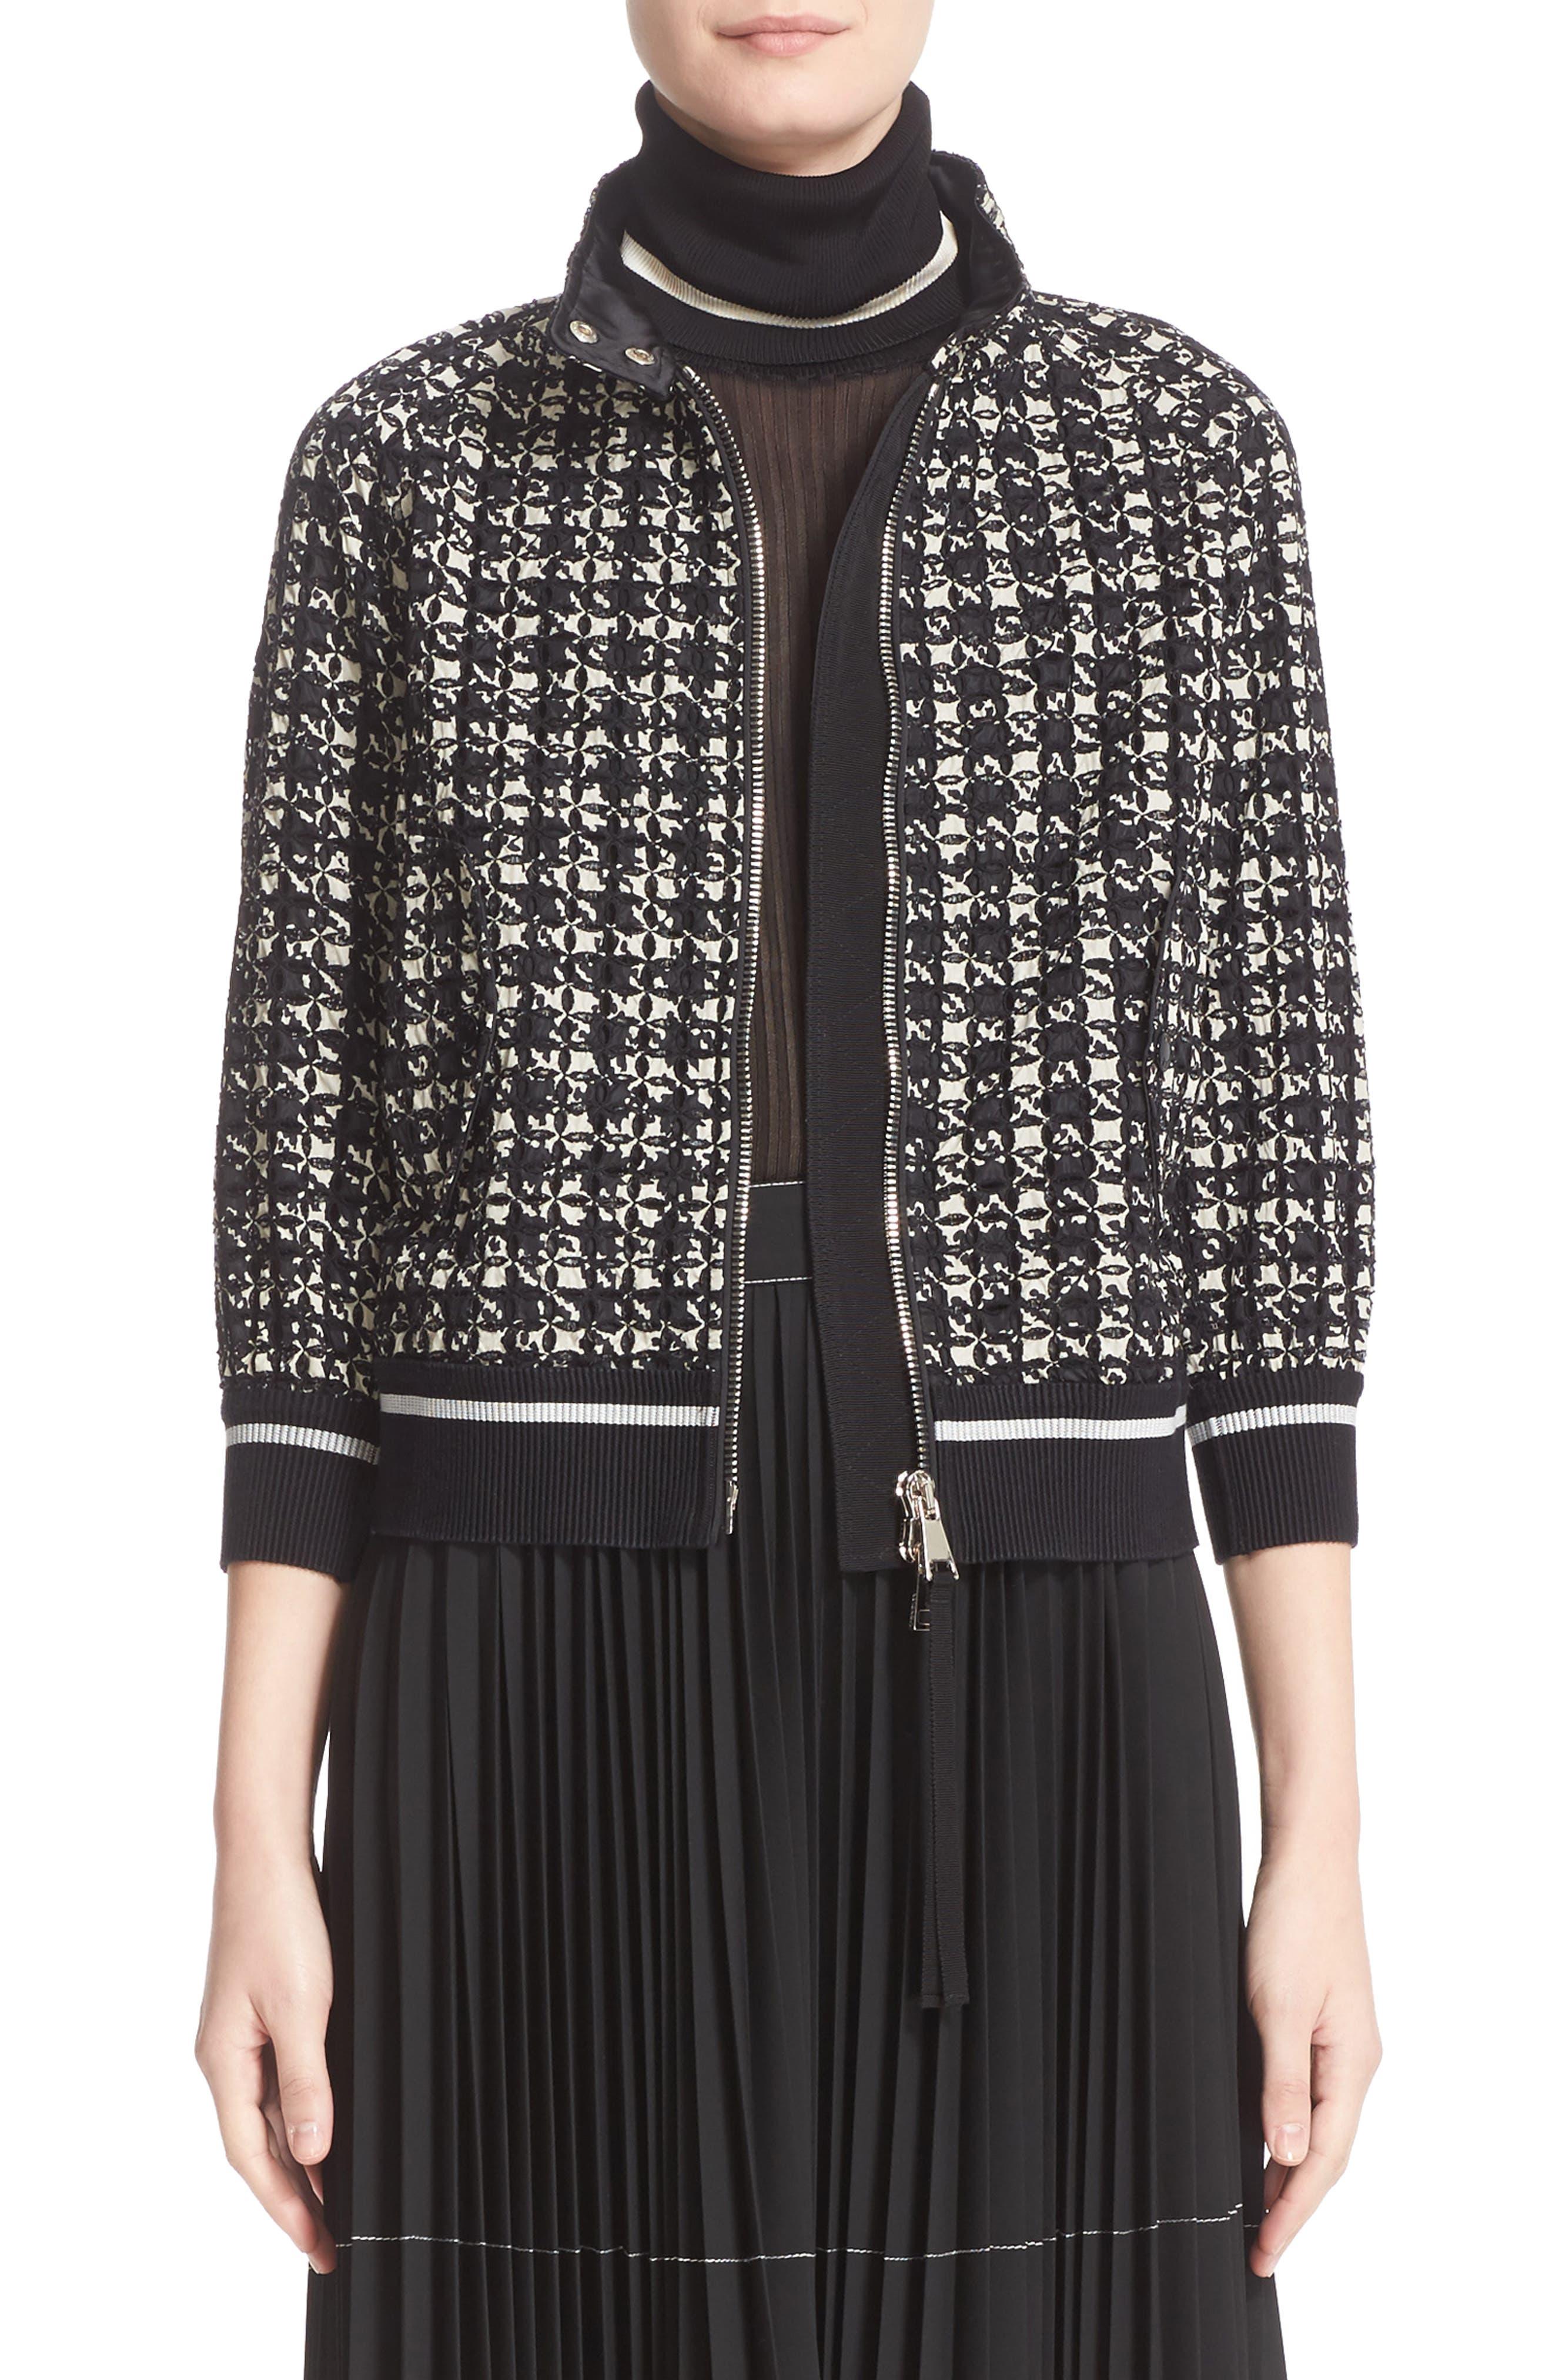 Fiadone Tweed Print Jacket,                         Main,                         color, 001